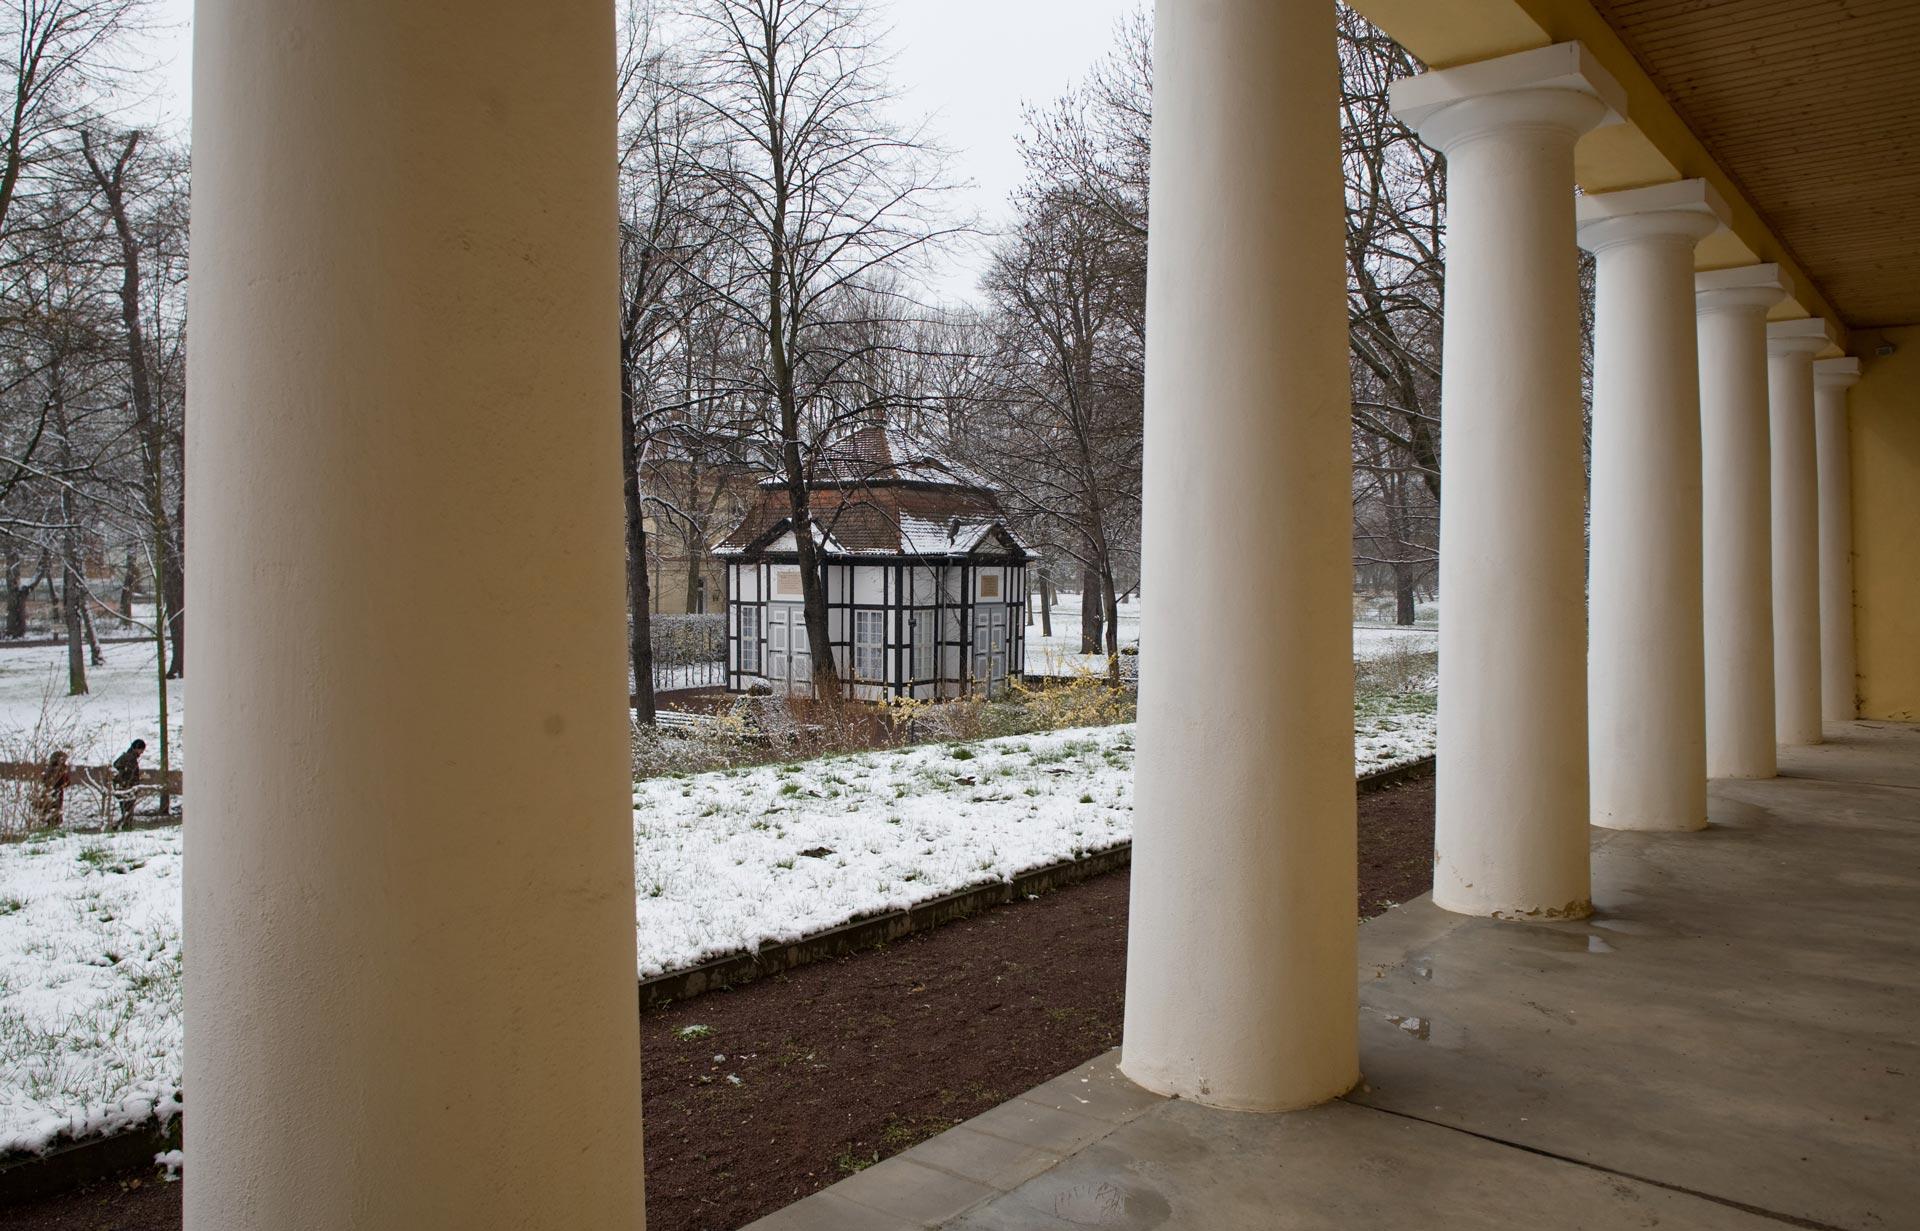 Historische Kuranlagen Bad Lauchstädt - Winter